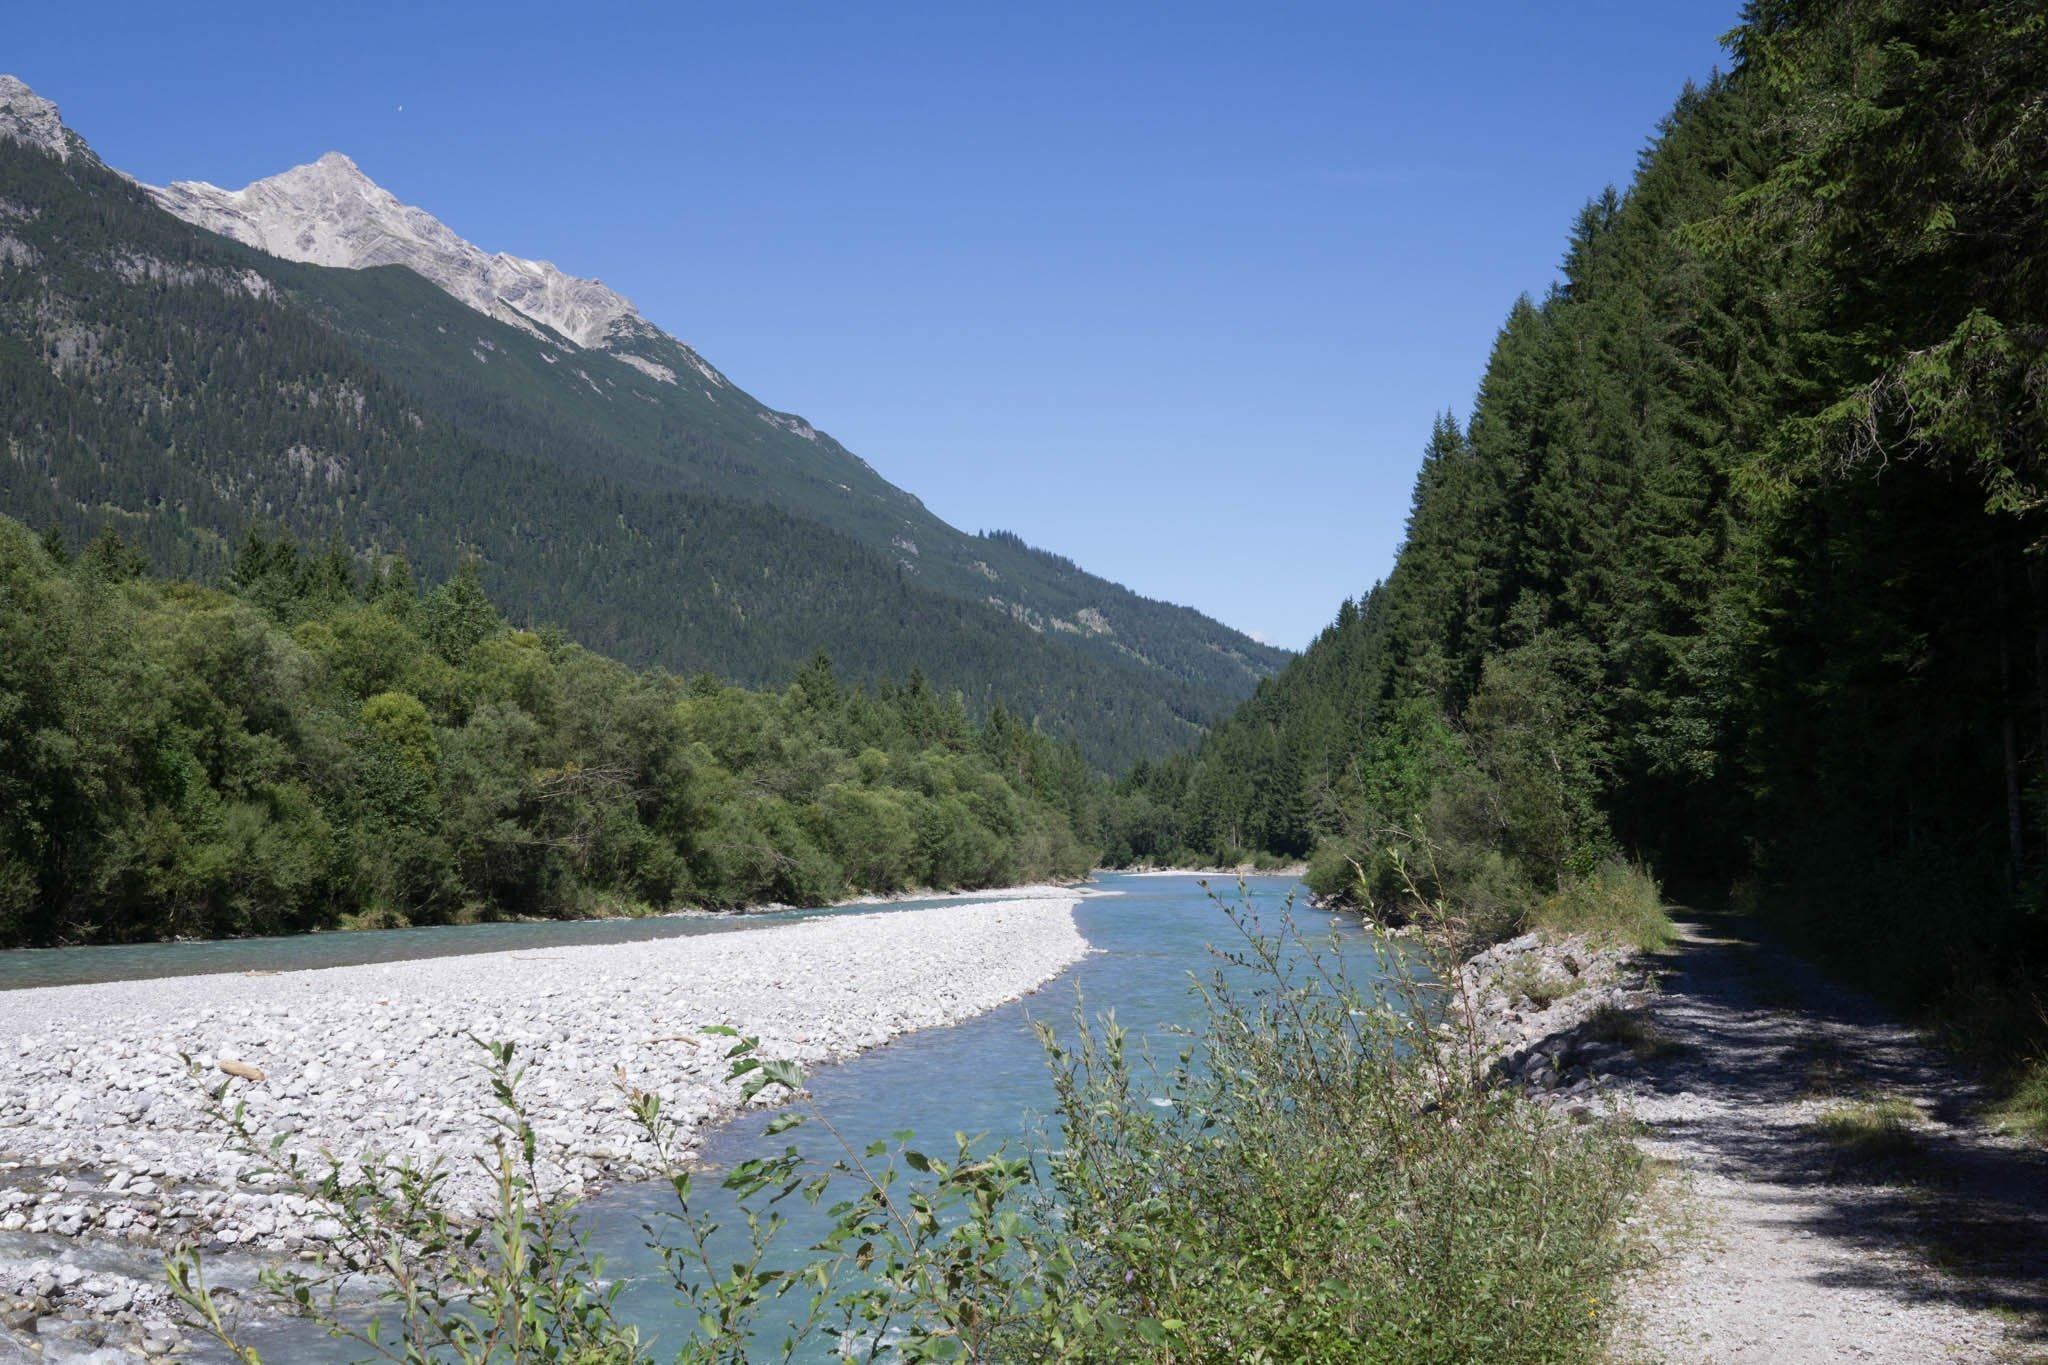 Wanderweg am Fluss, Wald, Berg